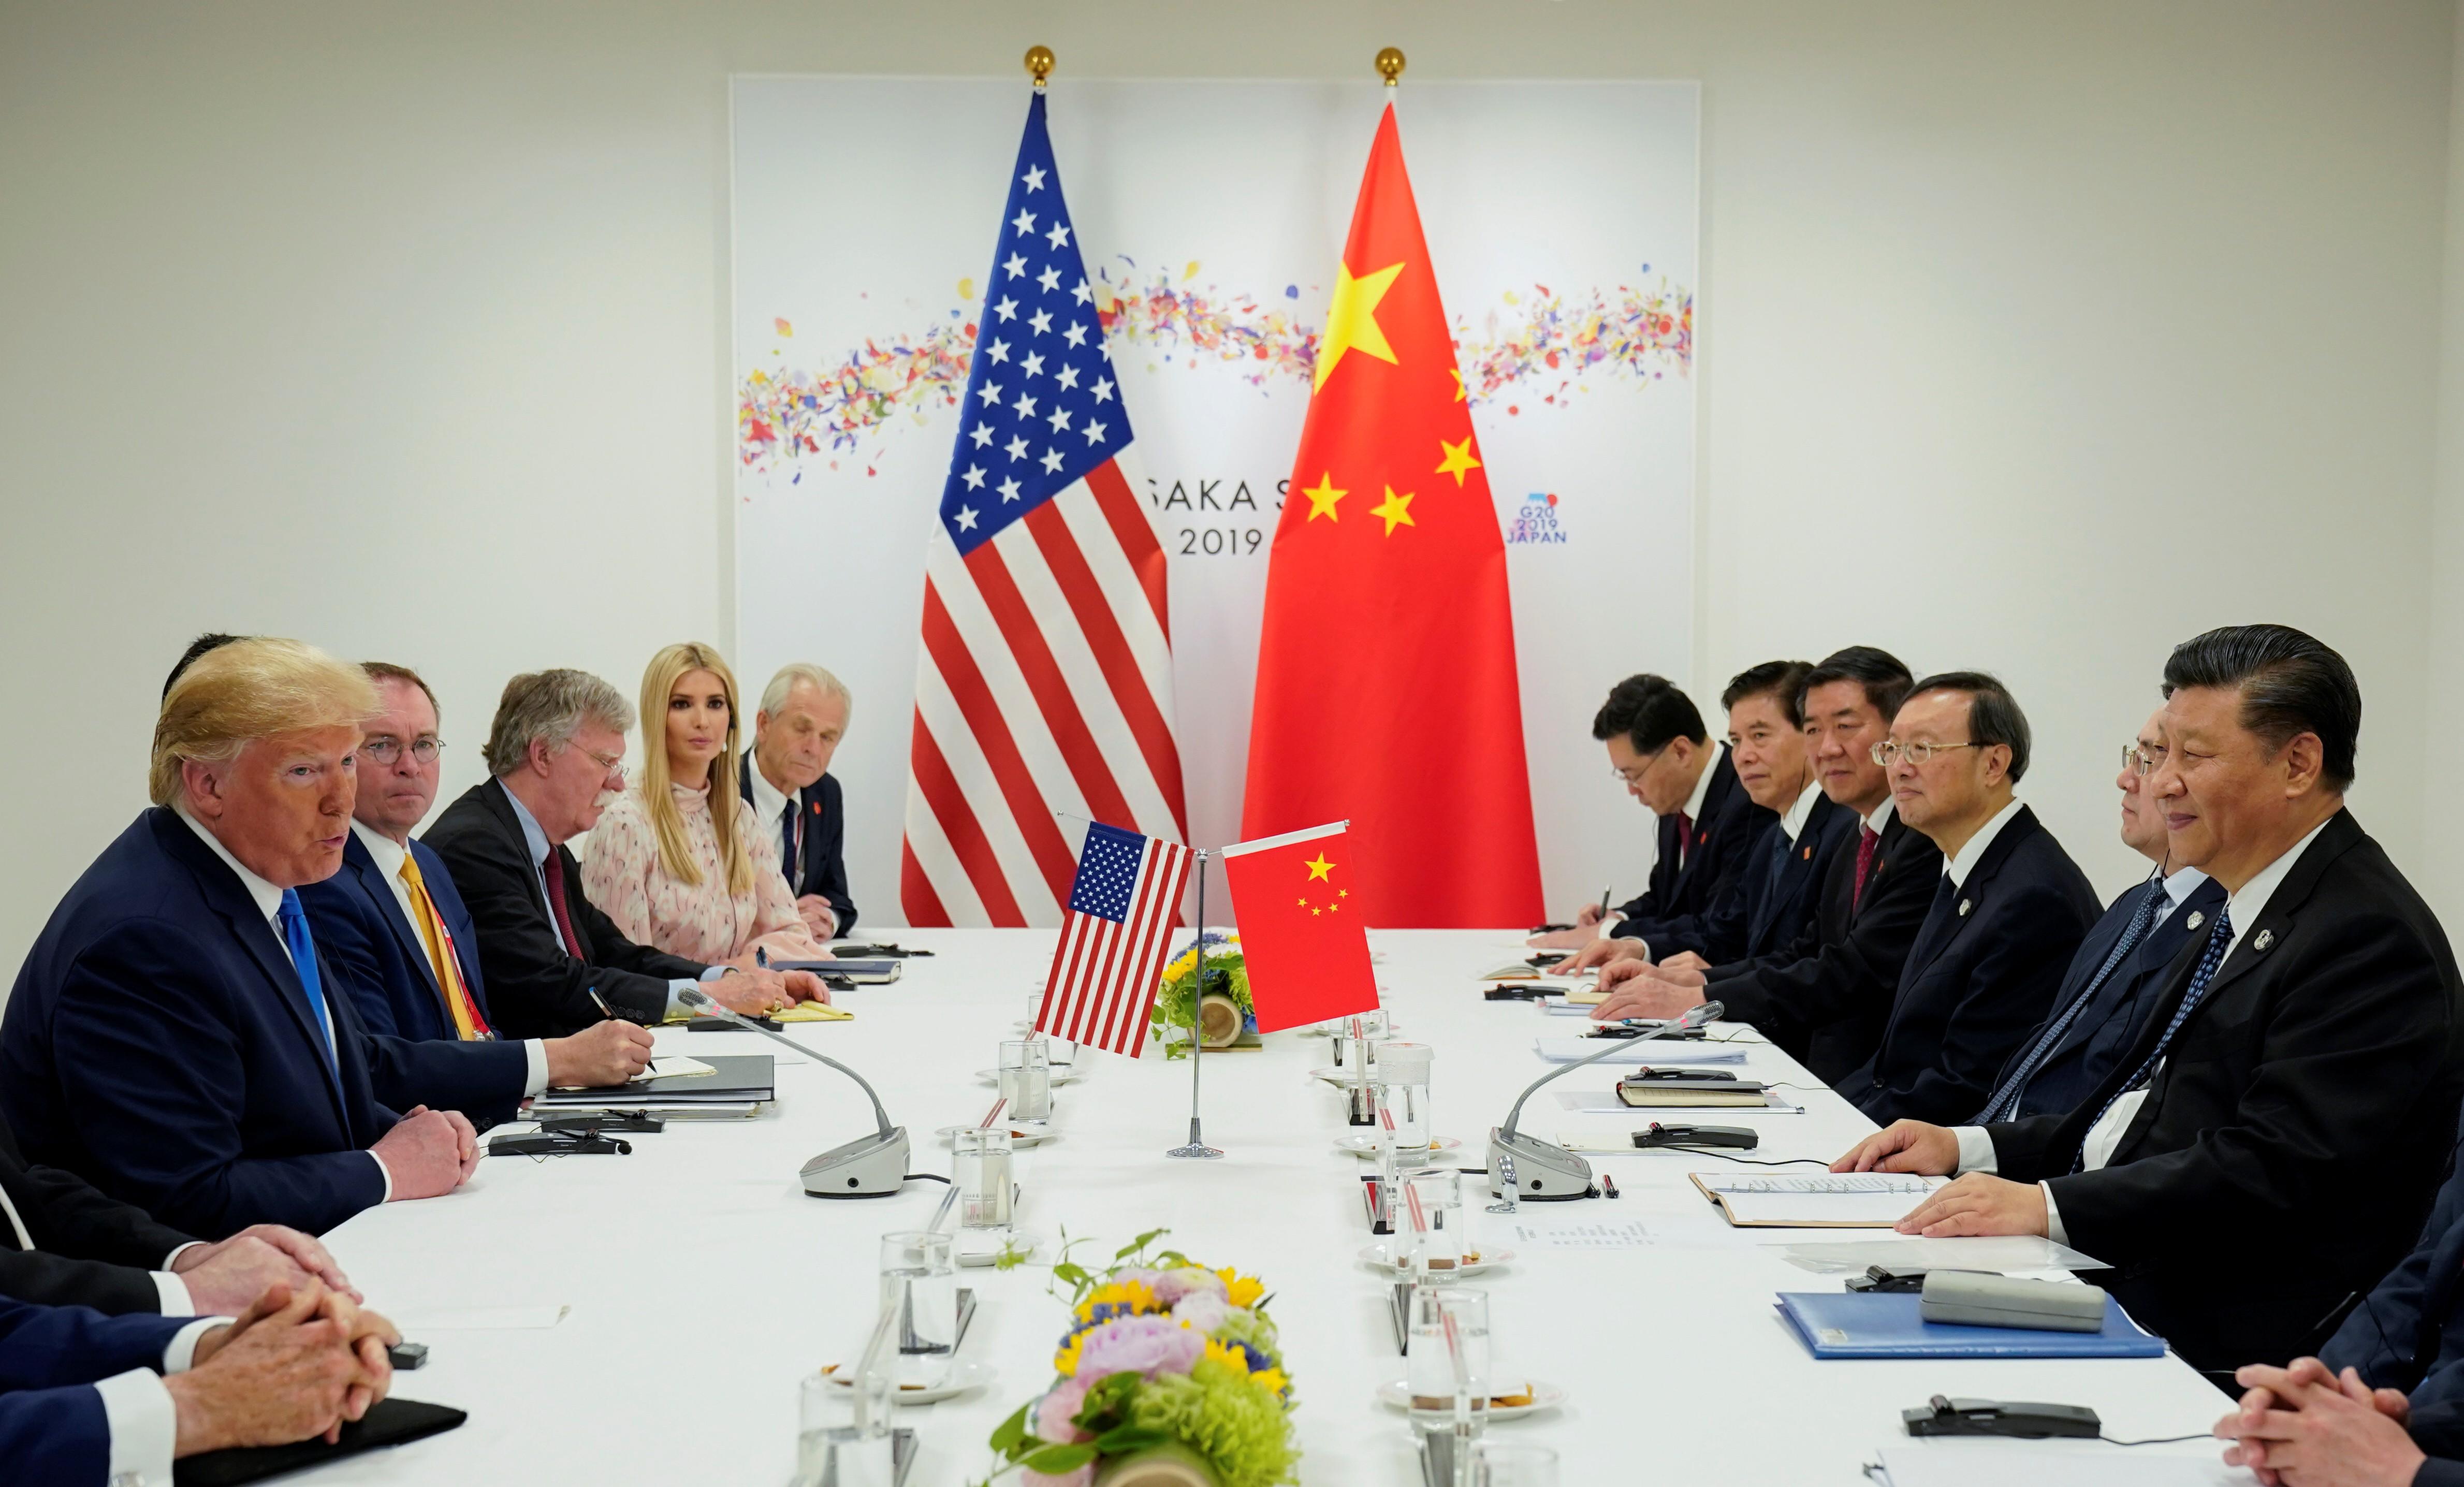 China diz que espera alcançar pacto comercial em fases com os EUA - Notícias - Plantão Diário